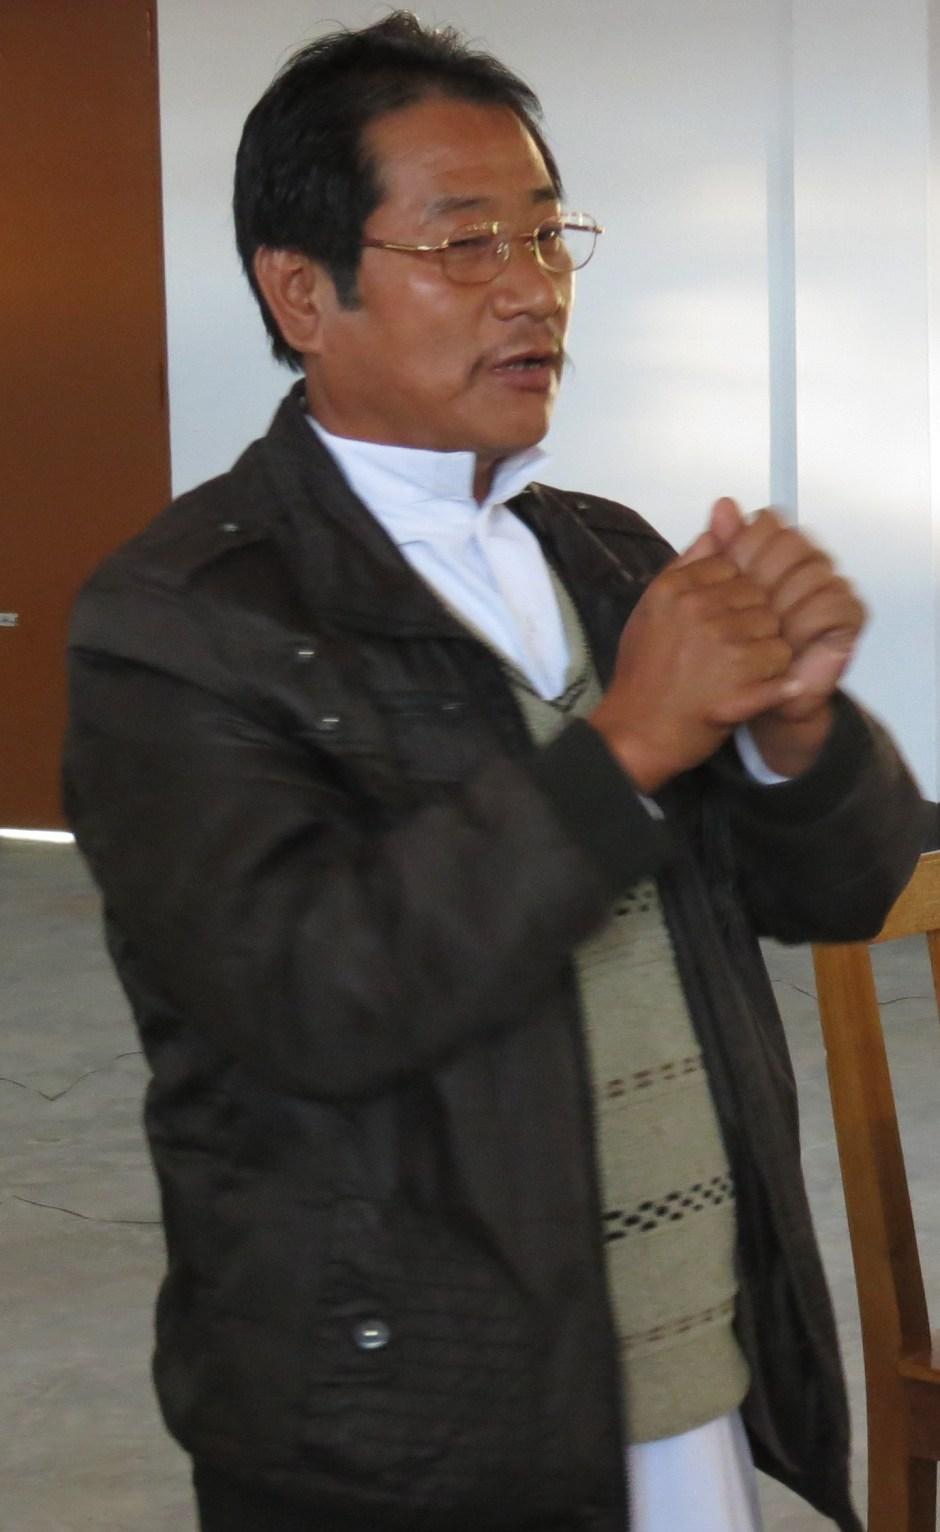 Mr. Domnic Khangam